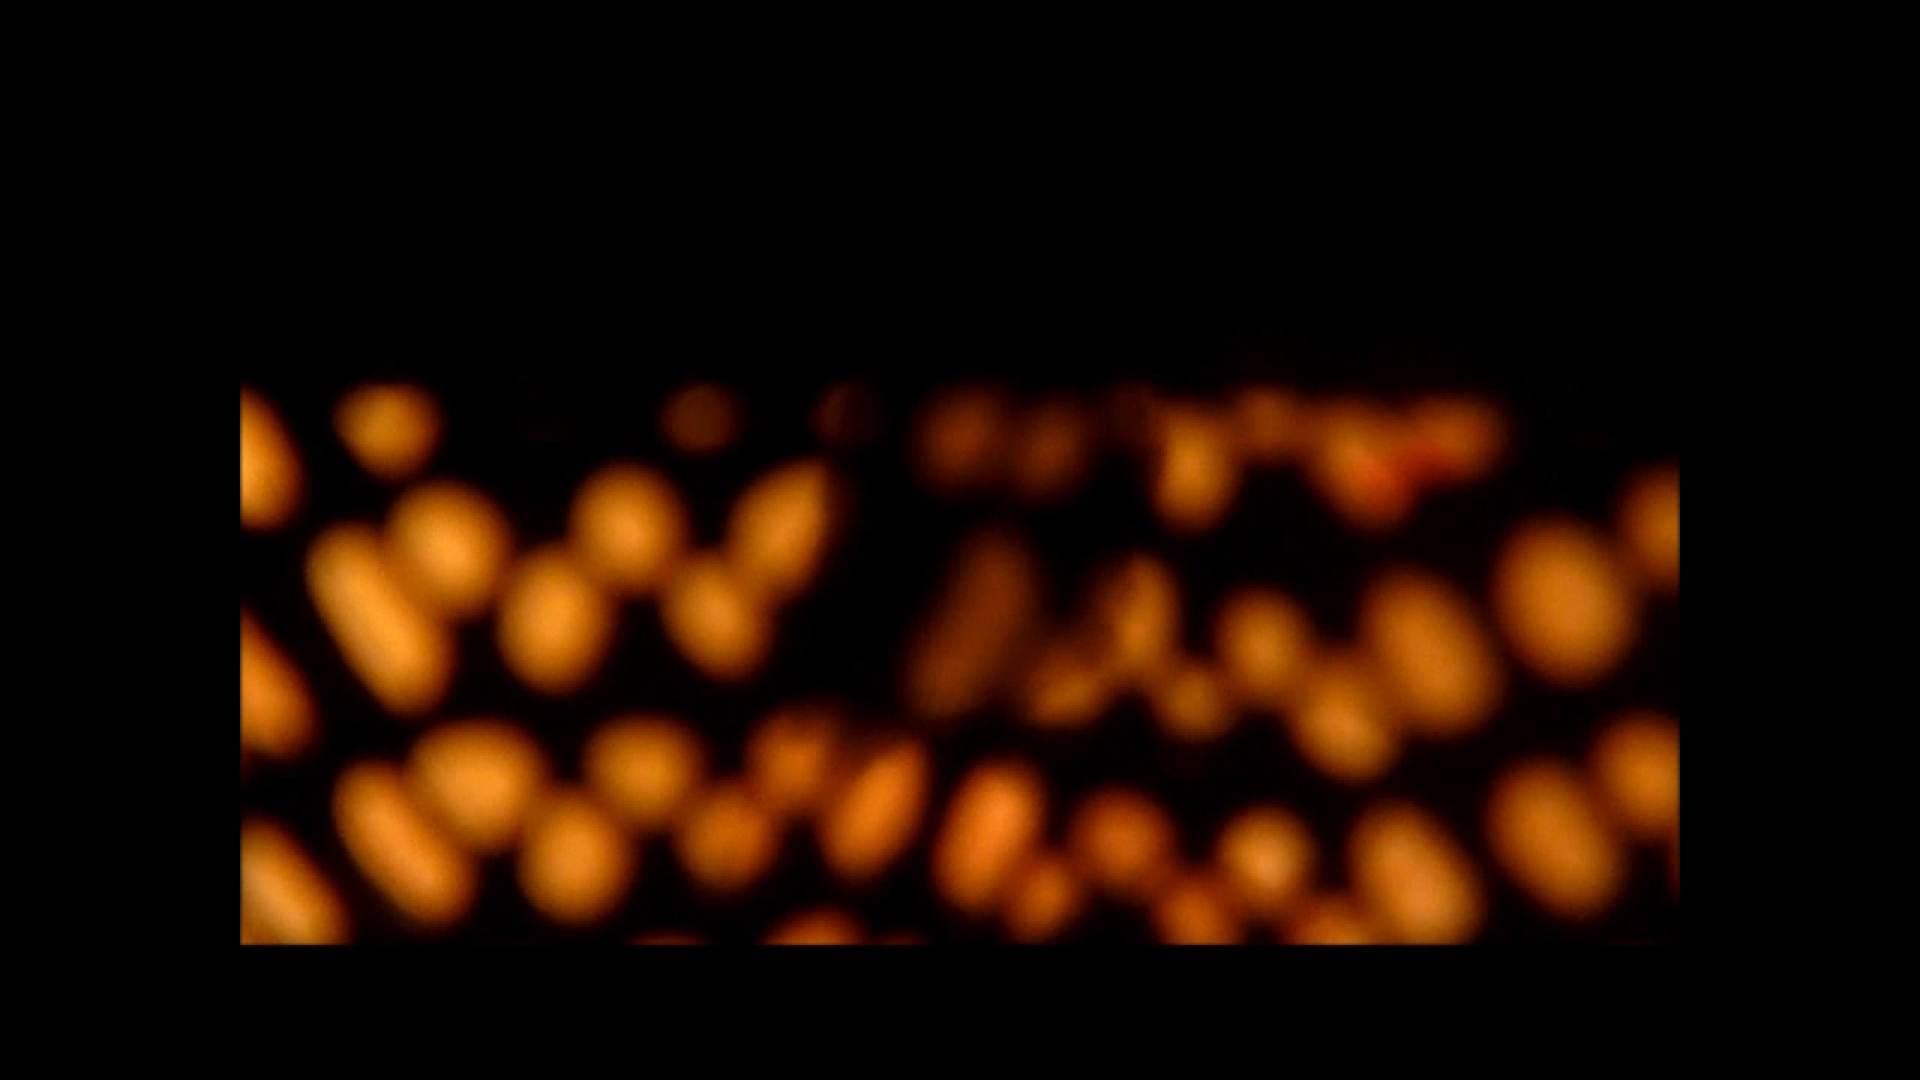 【02】ベランダに侵入して張り込みを始めて・・・やっと結果が出ました。 家宅侵入 | 0  82画像 44